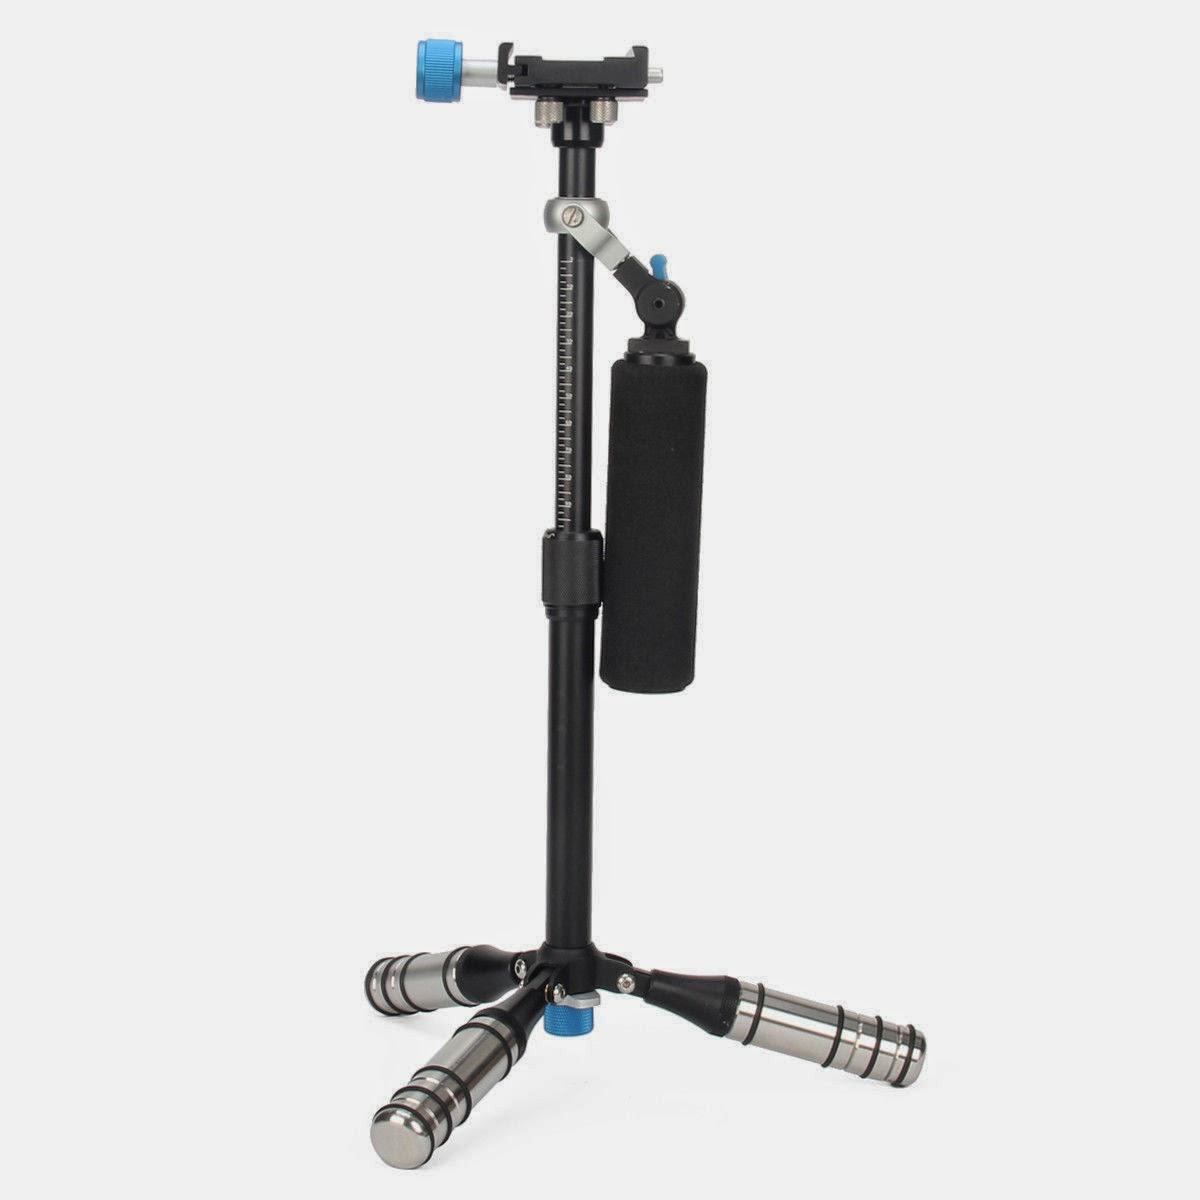 New Handheld Camera Stabilizer Steadicam for DSLR DV Video Camcorder